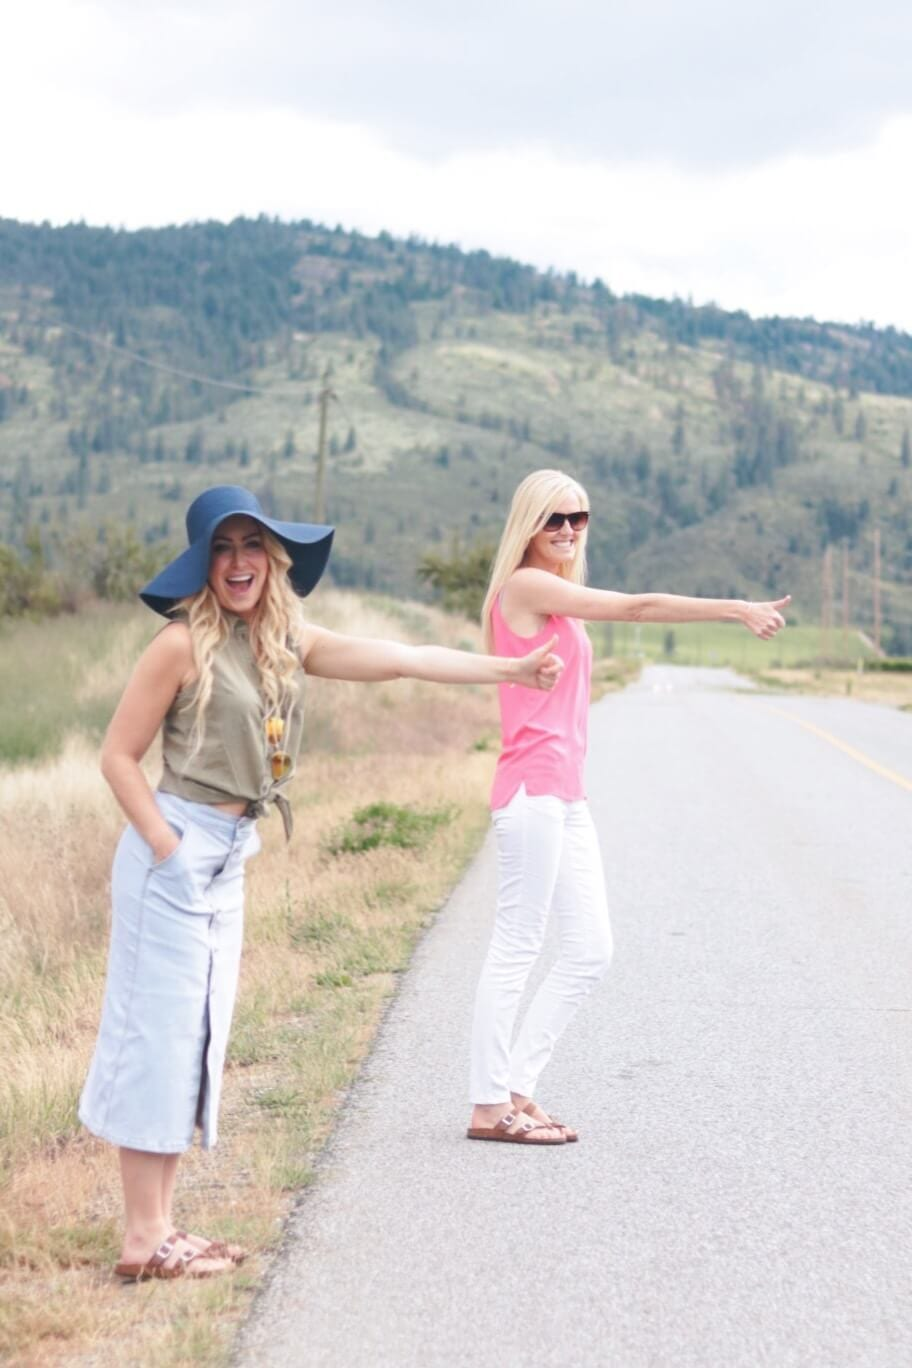 jillian harris' best friends hitch hiking